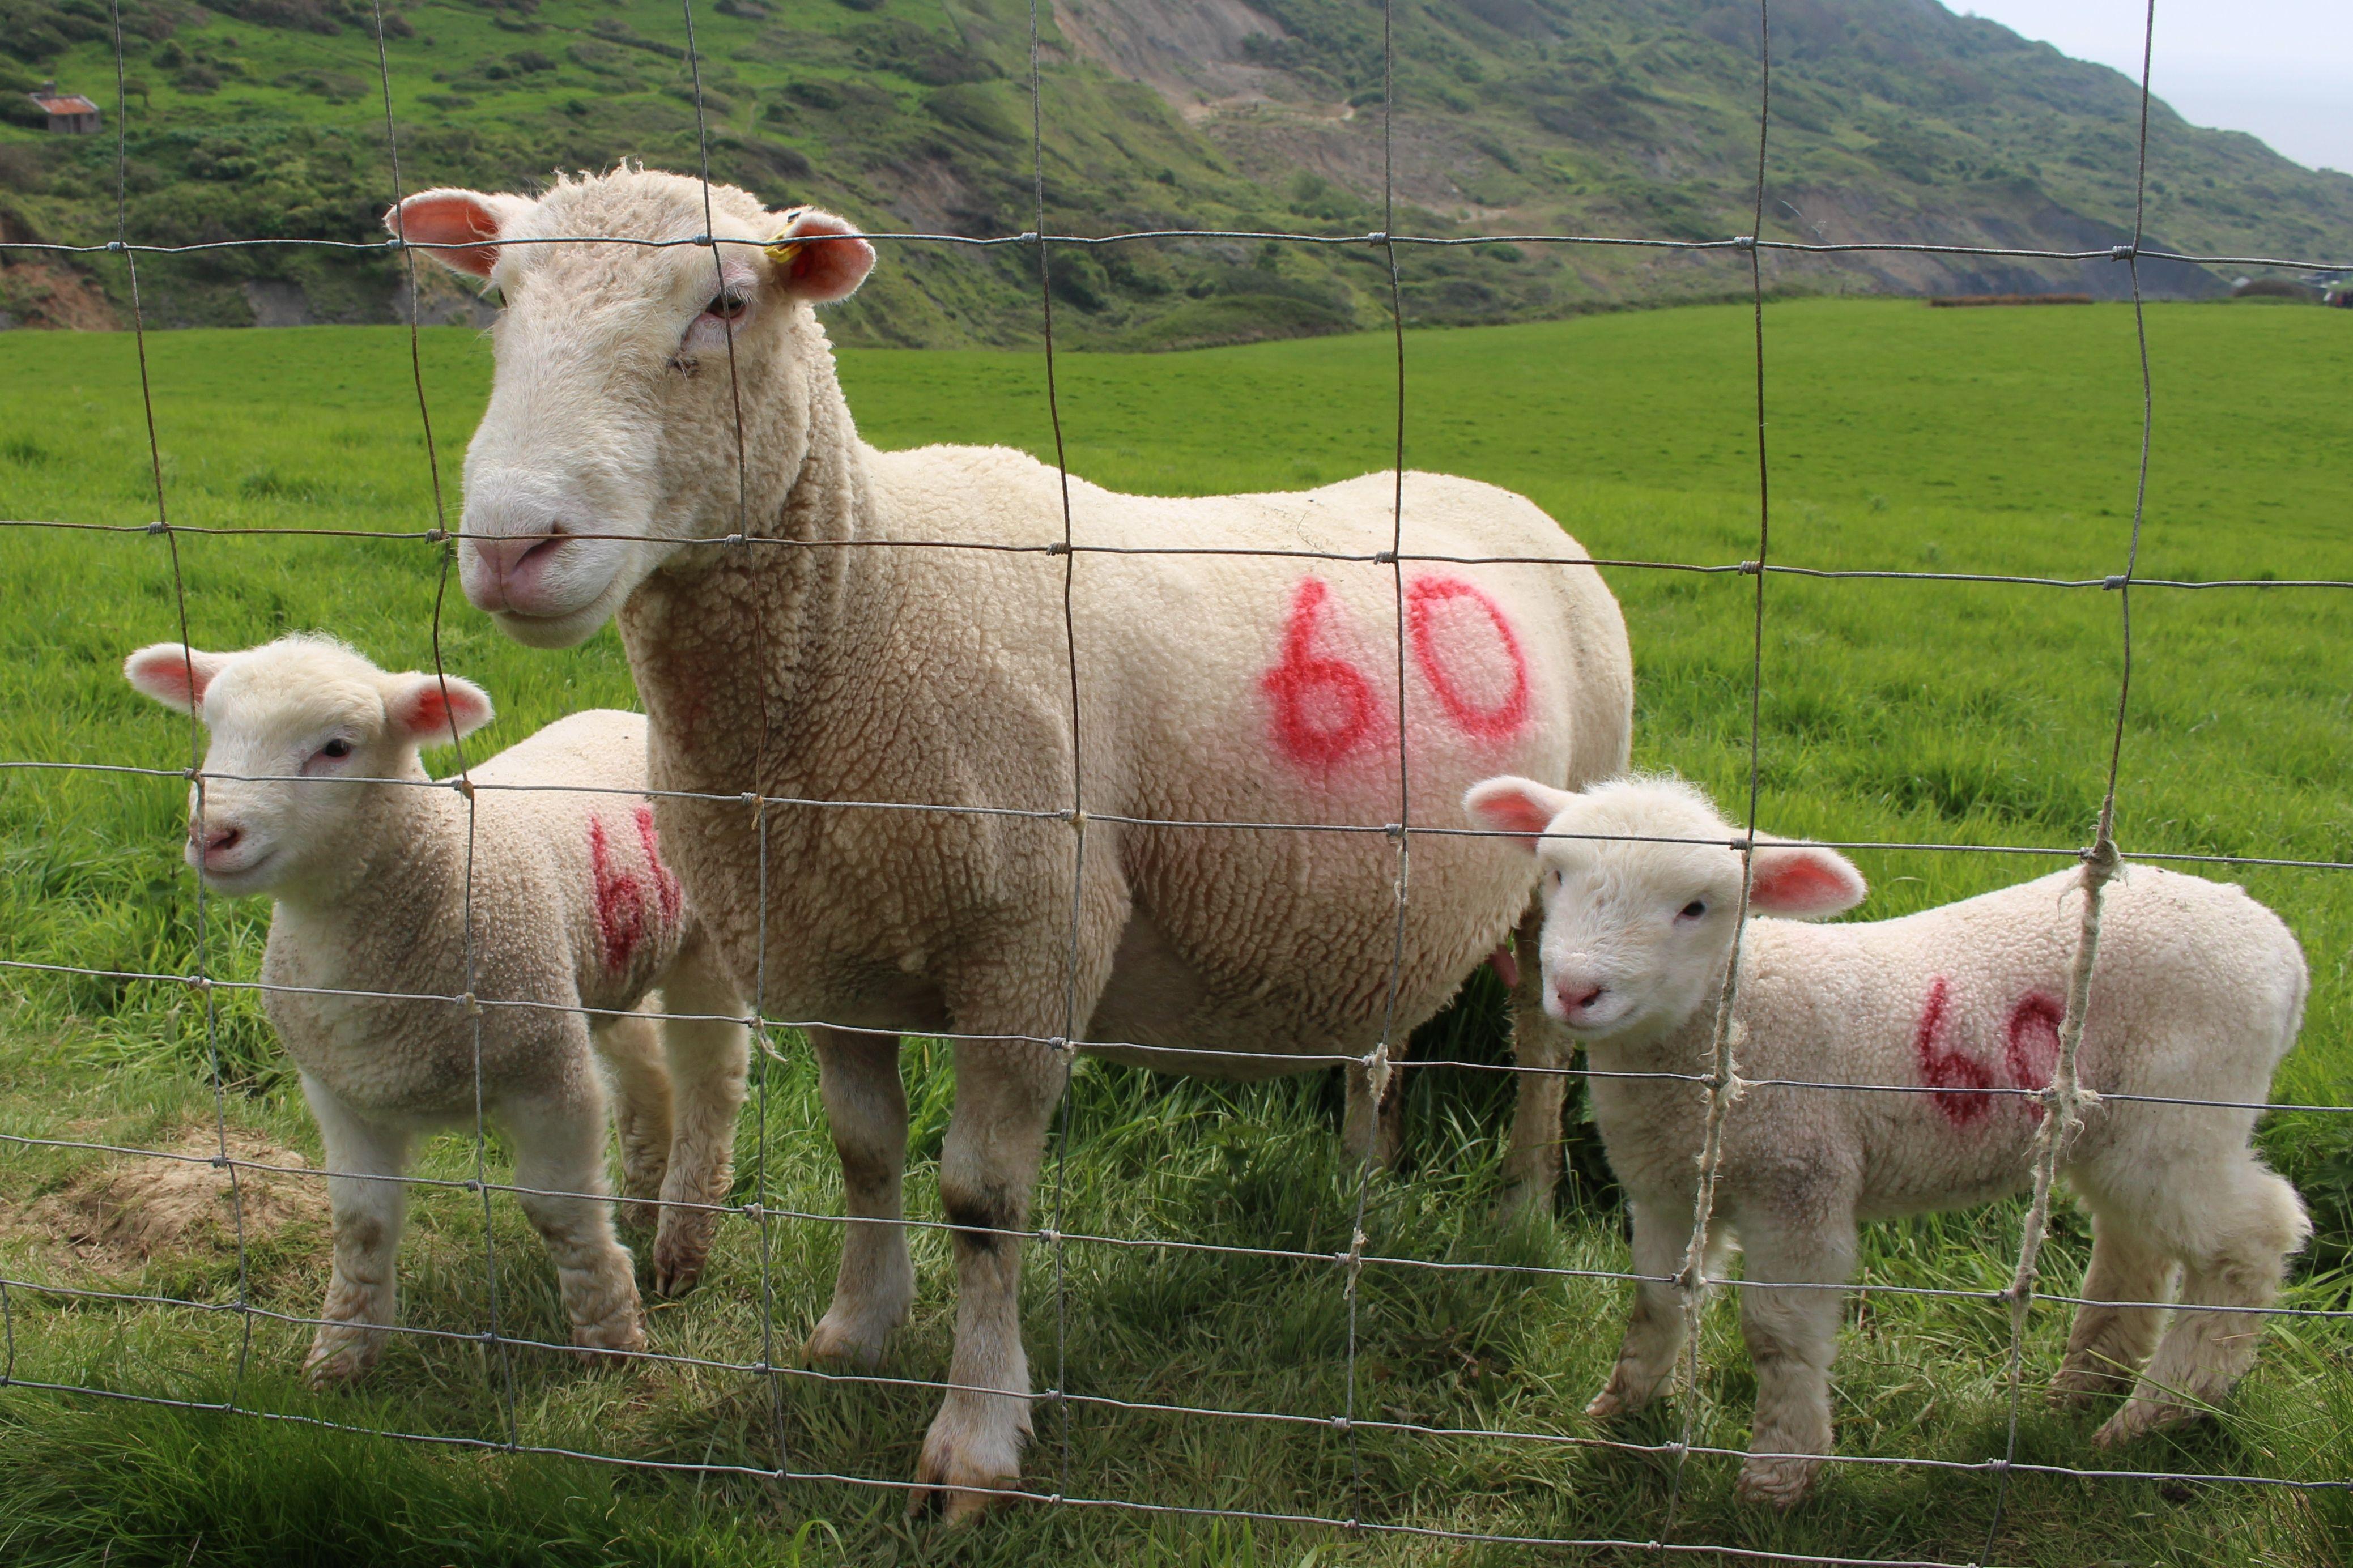 Spring lambs with mum. May 2014. Dorset coastal path.